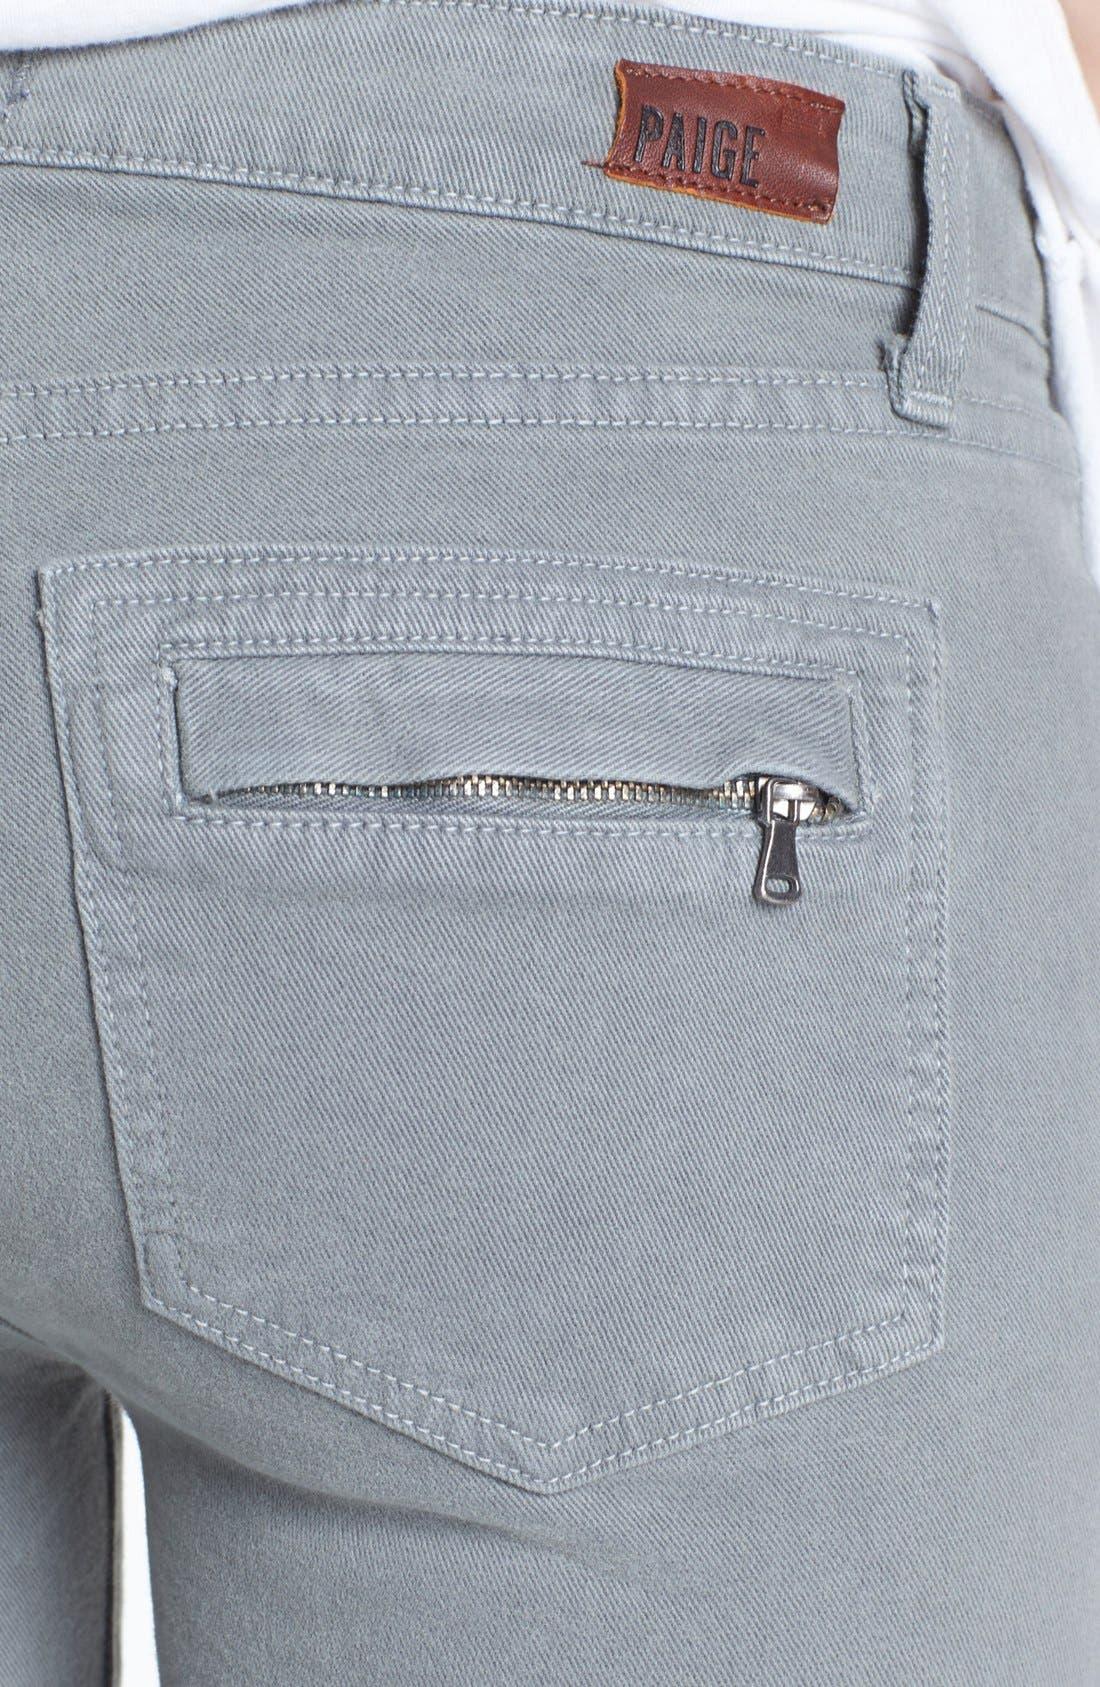 Alternate Image 3  - Paige Denim 'Marley' Zip Detail Skinny Jeans (Cloud Cover)